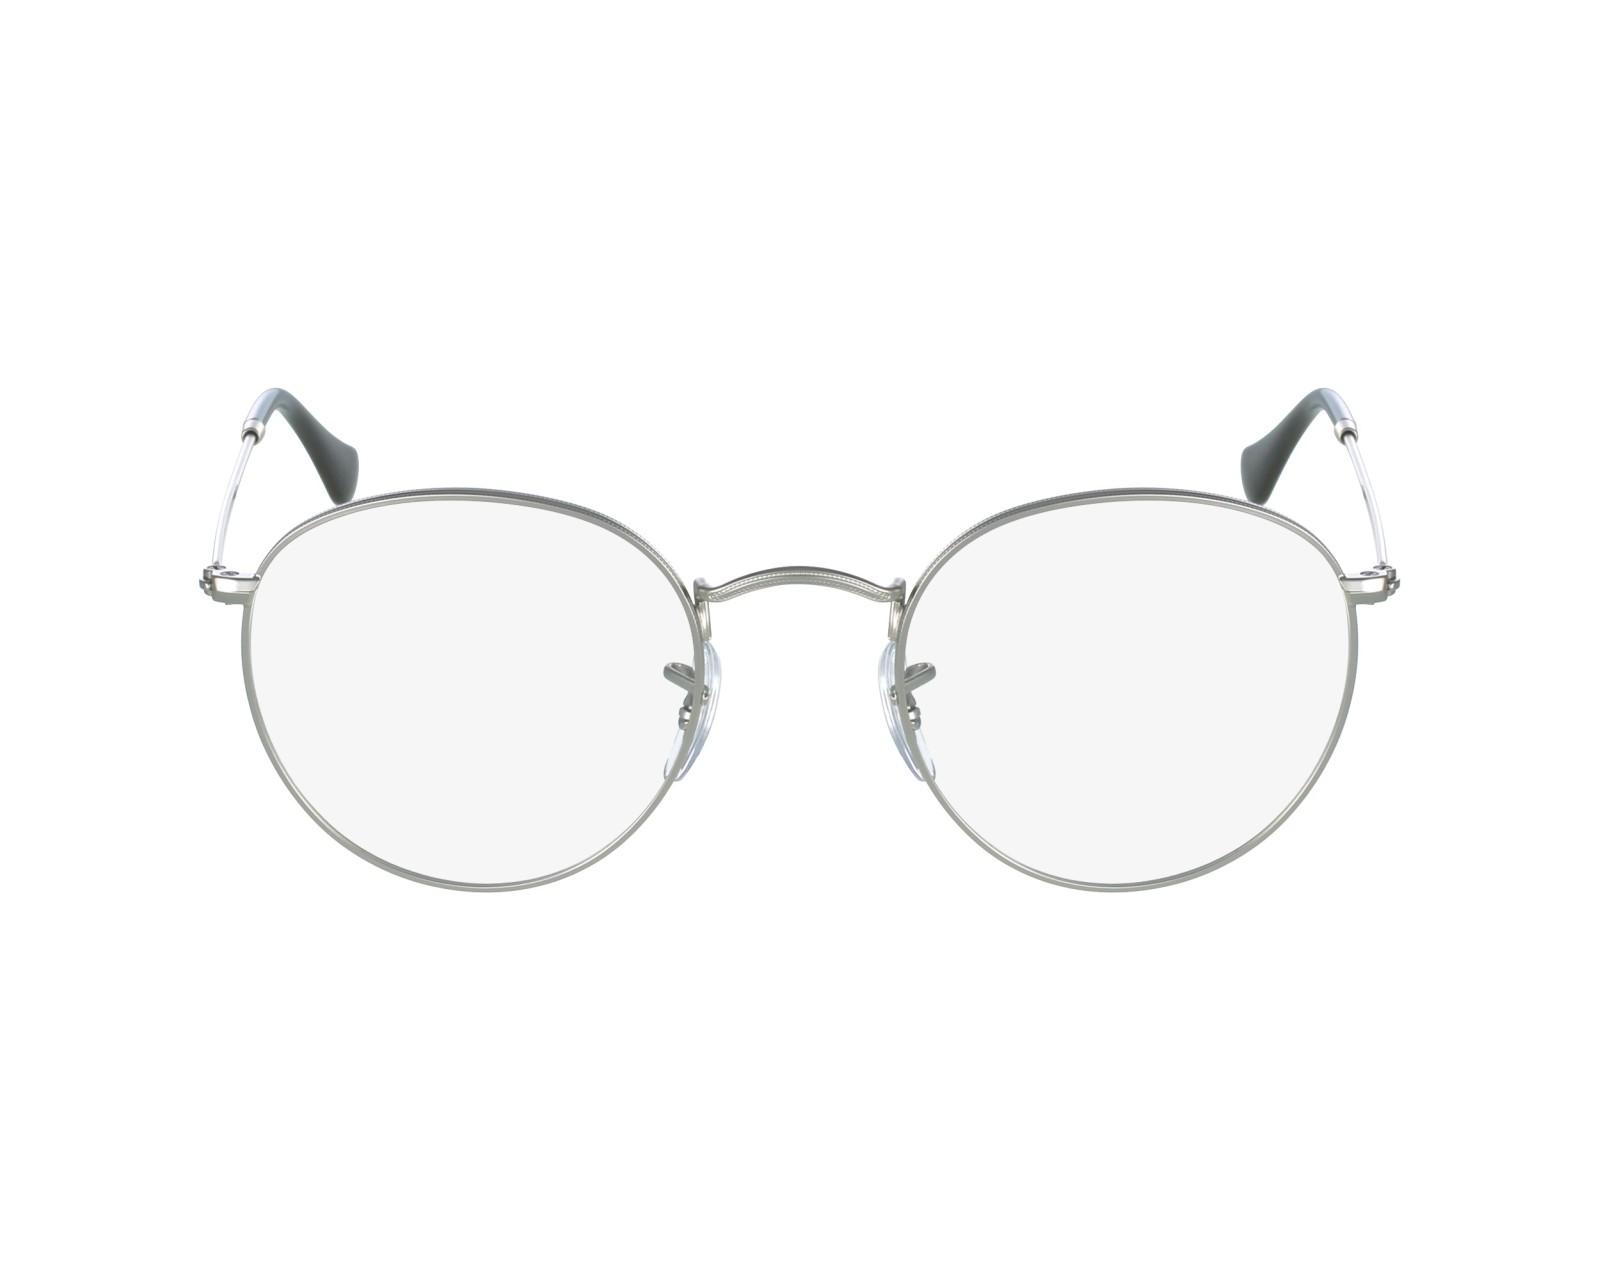 07edf12f6c8 thumbnail eyeglasses Ray-Ban RX-3447-V 2538 - Silver profile view